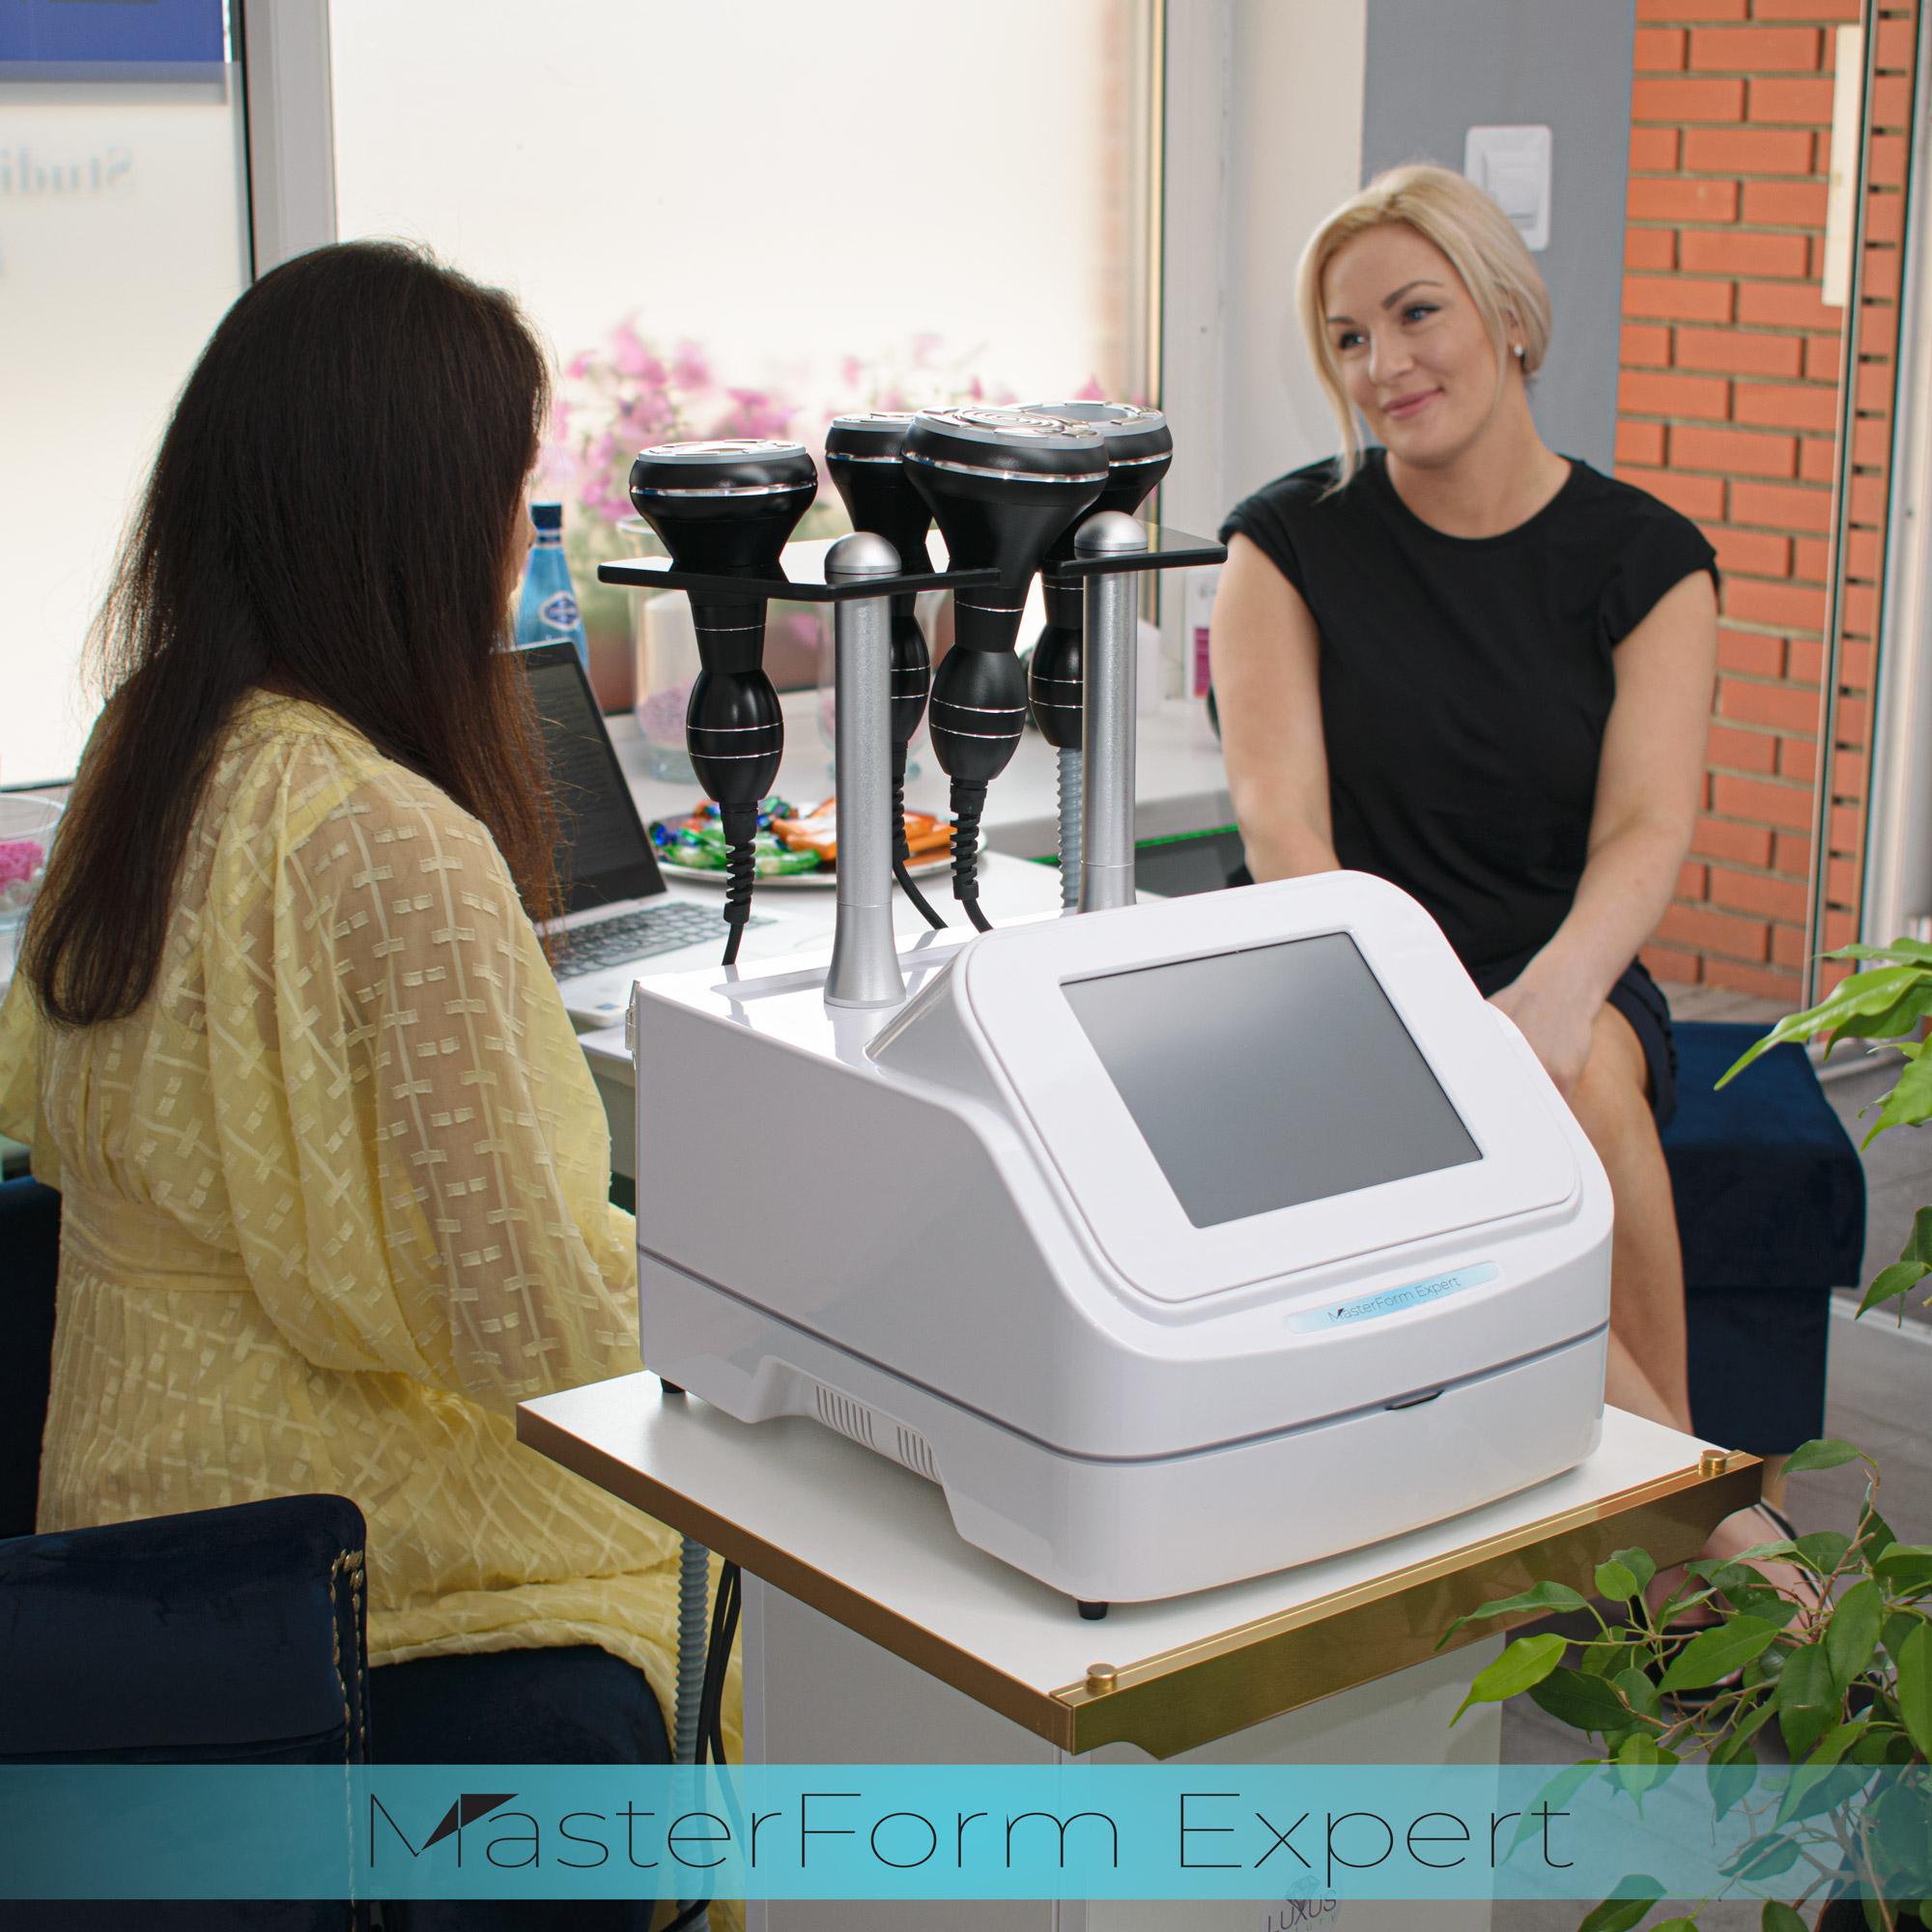 Kurs obejmuje wiedzę teorytyczną z dziedziny endermologii, fal radiowych, masażu próżniowego, liposukcji ultradźwiękowej i podczerwieni